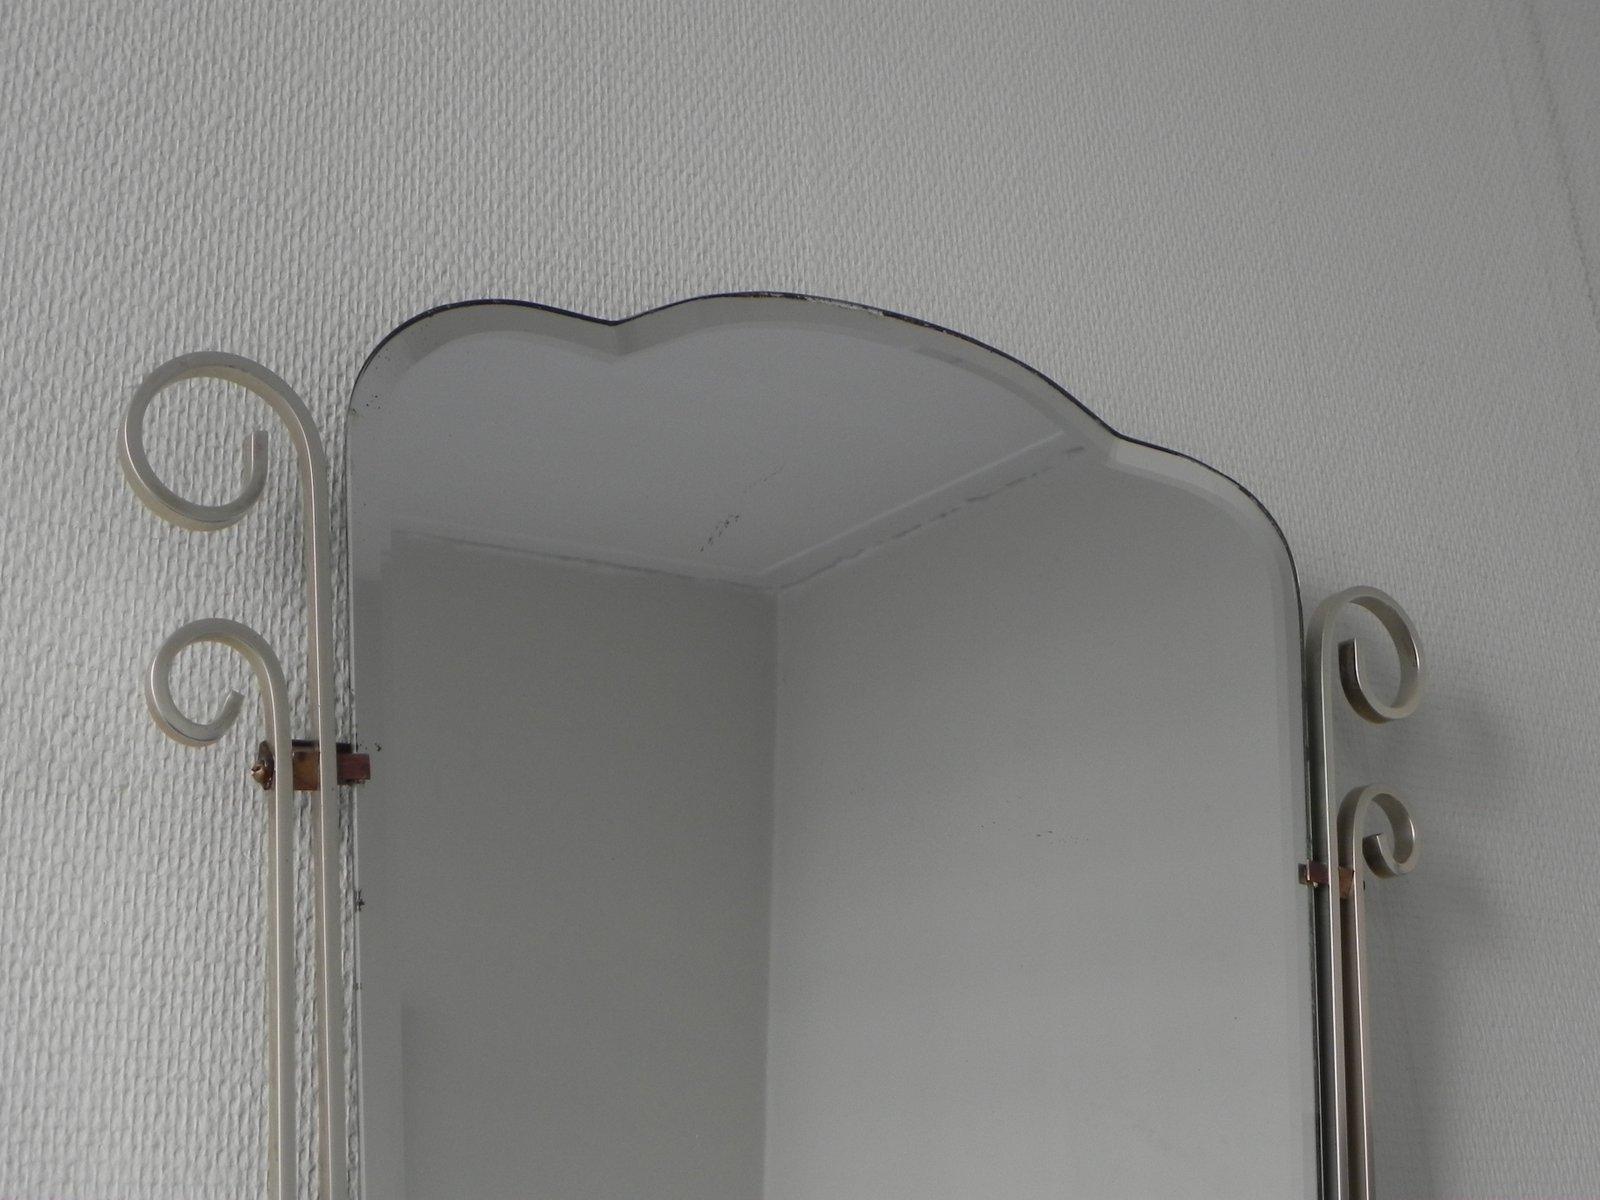 belgischer vintage spiegel mit aluminium rahmen bei pamono. Black Bedroom Furniture Sets. Home Design Ideas